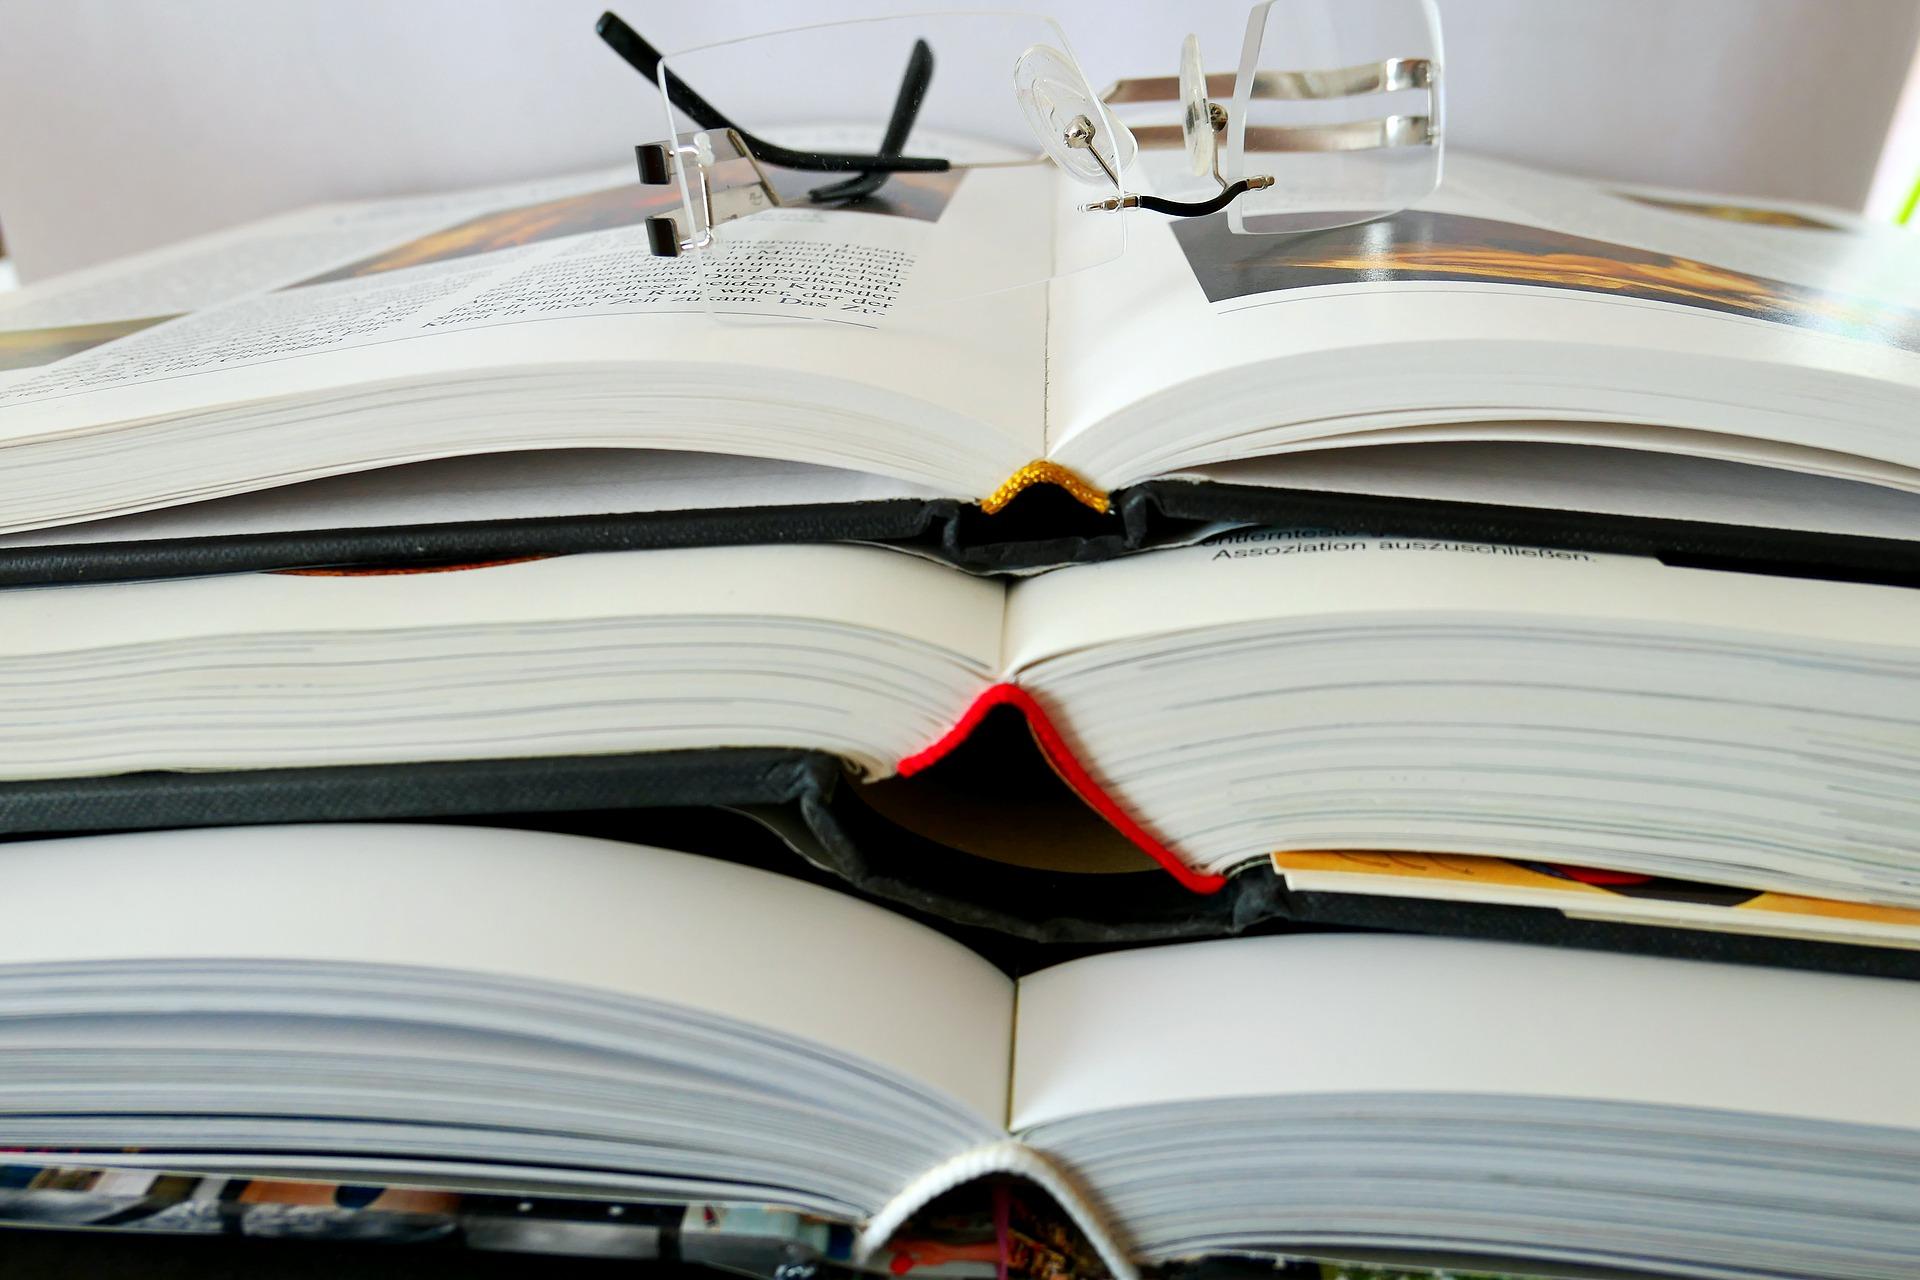 20 borse di studio in ambito SPRAR alla Pontificia Università Lateranense 2017/18